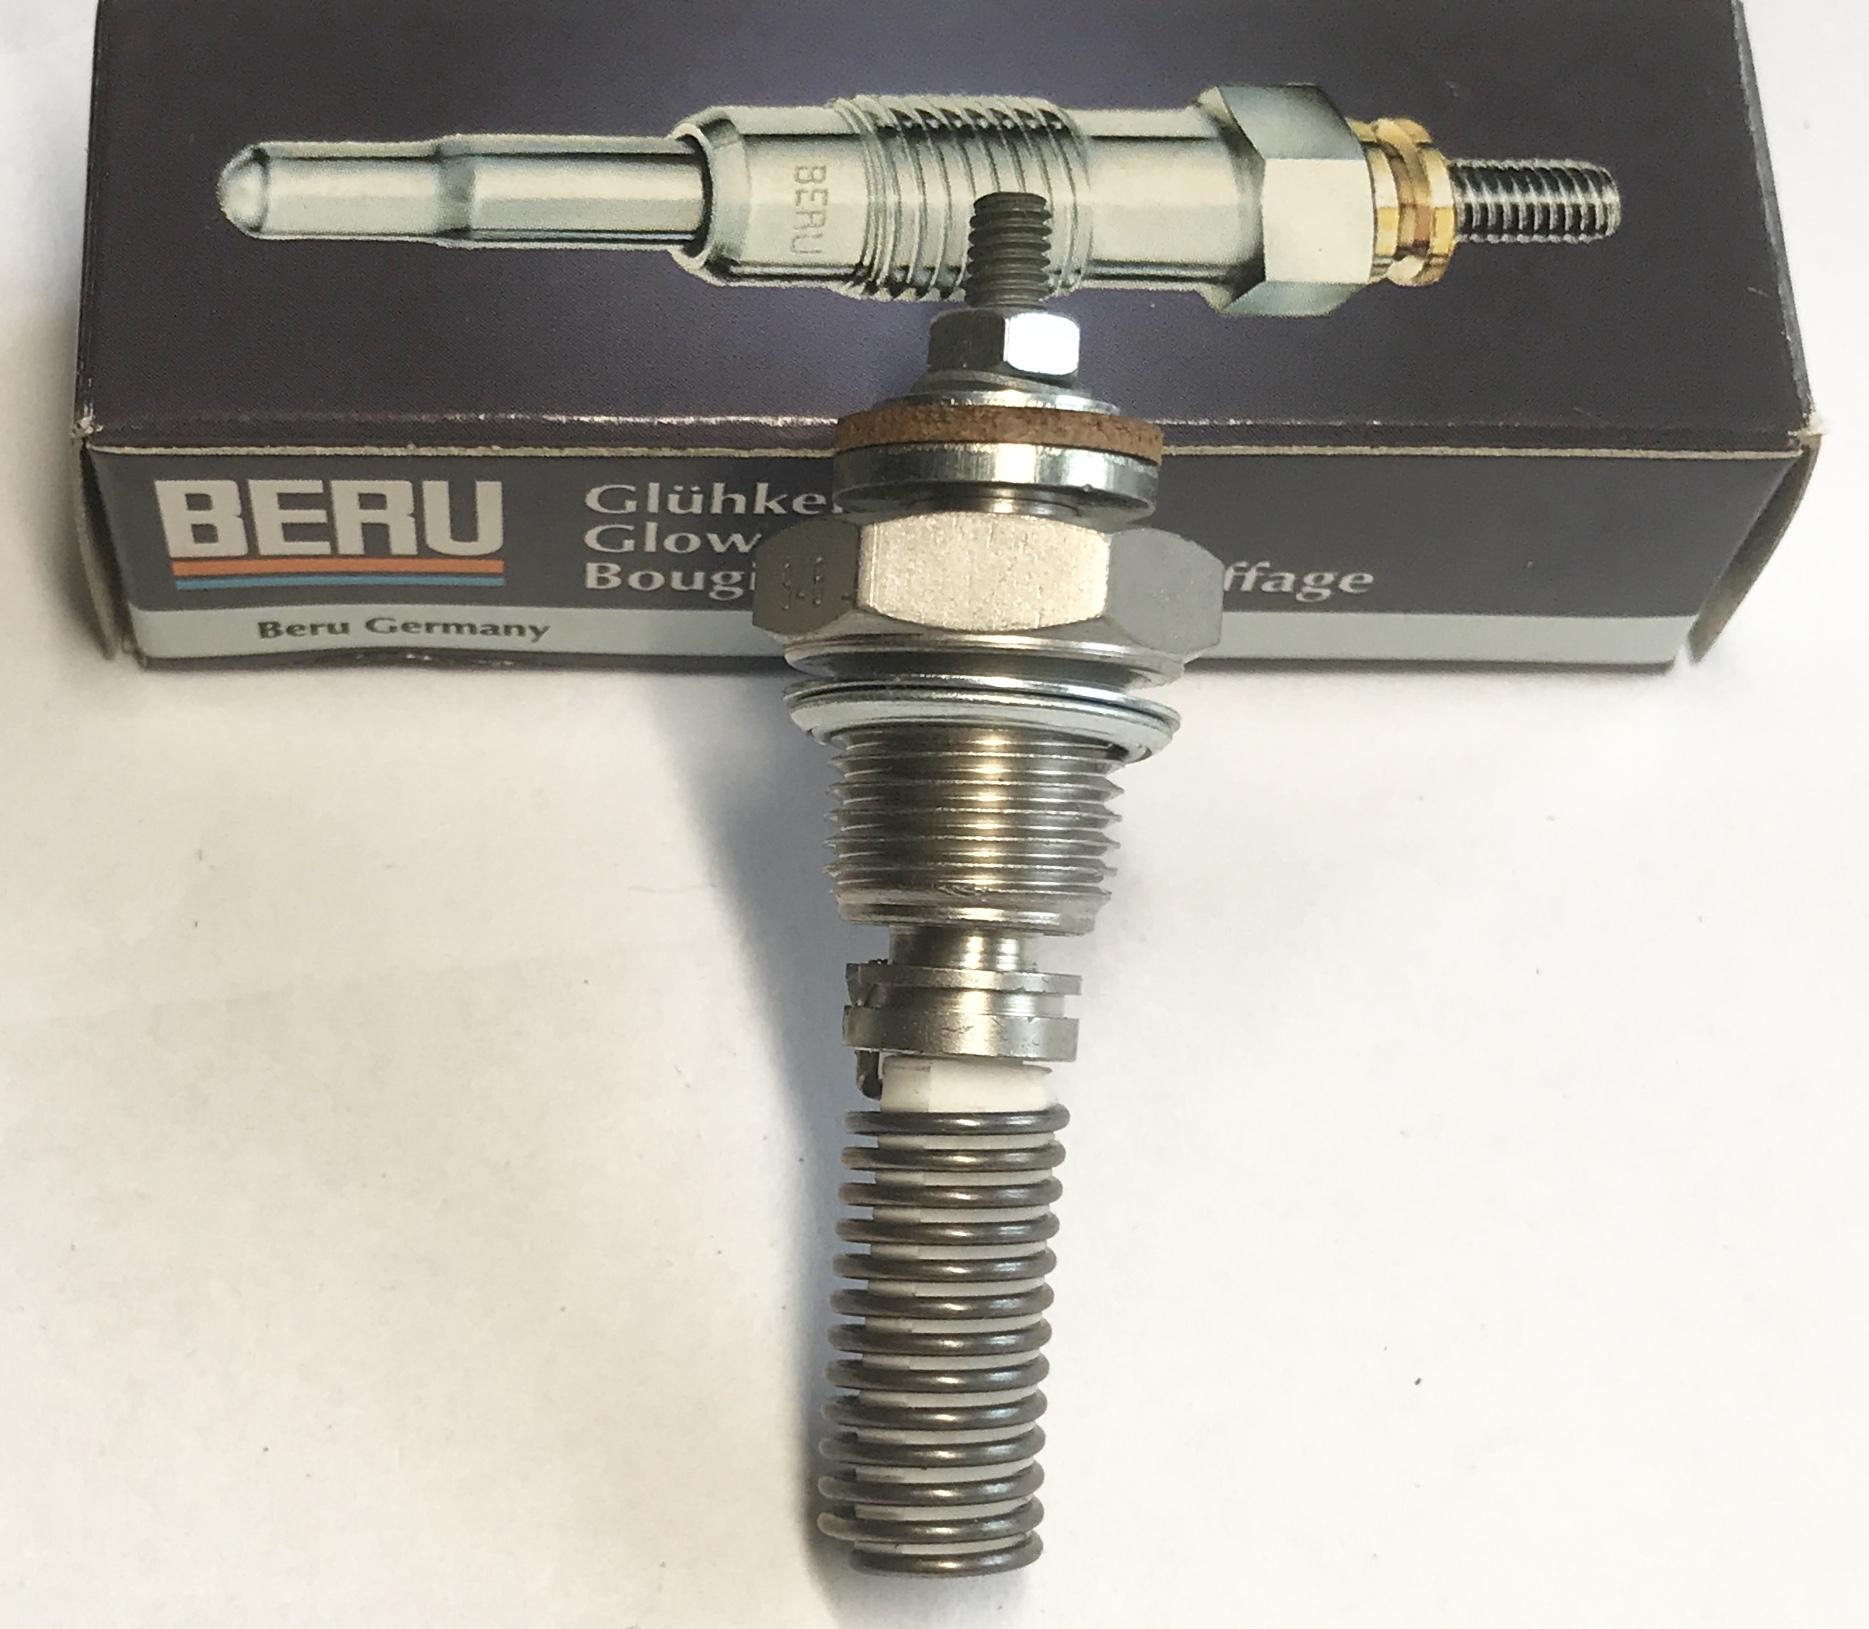 Beru 0102123203 Glühkerze 408GS 12V heater plug bougie de réchauffage